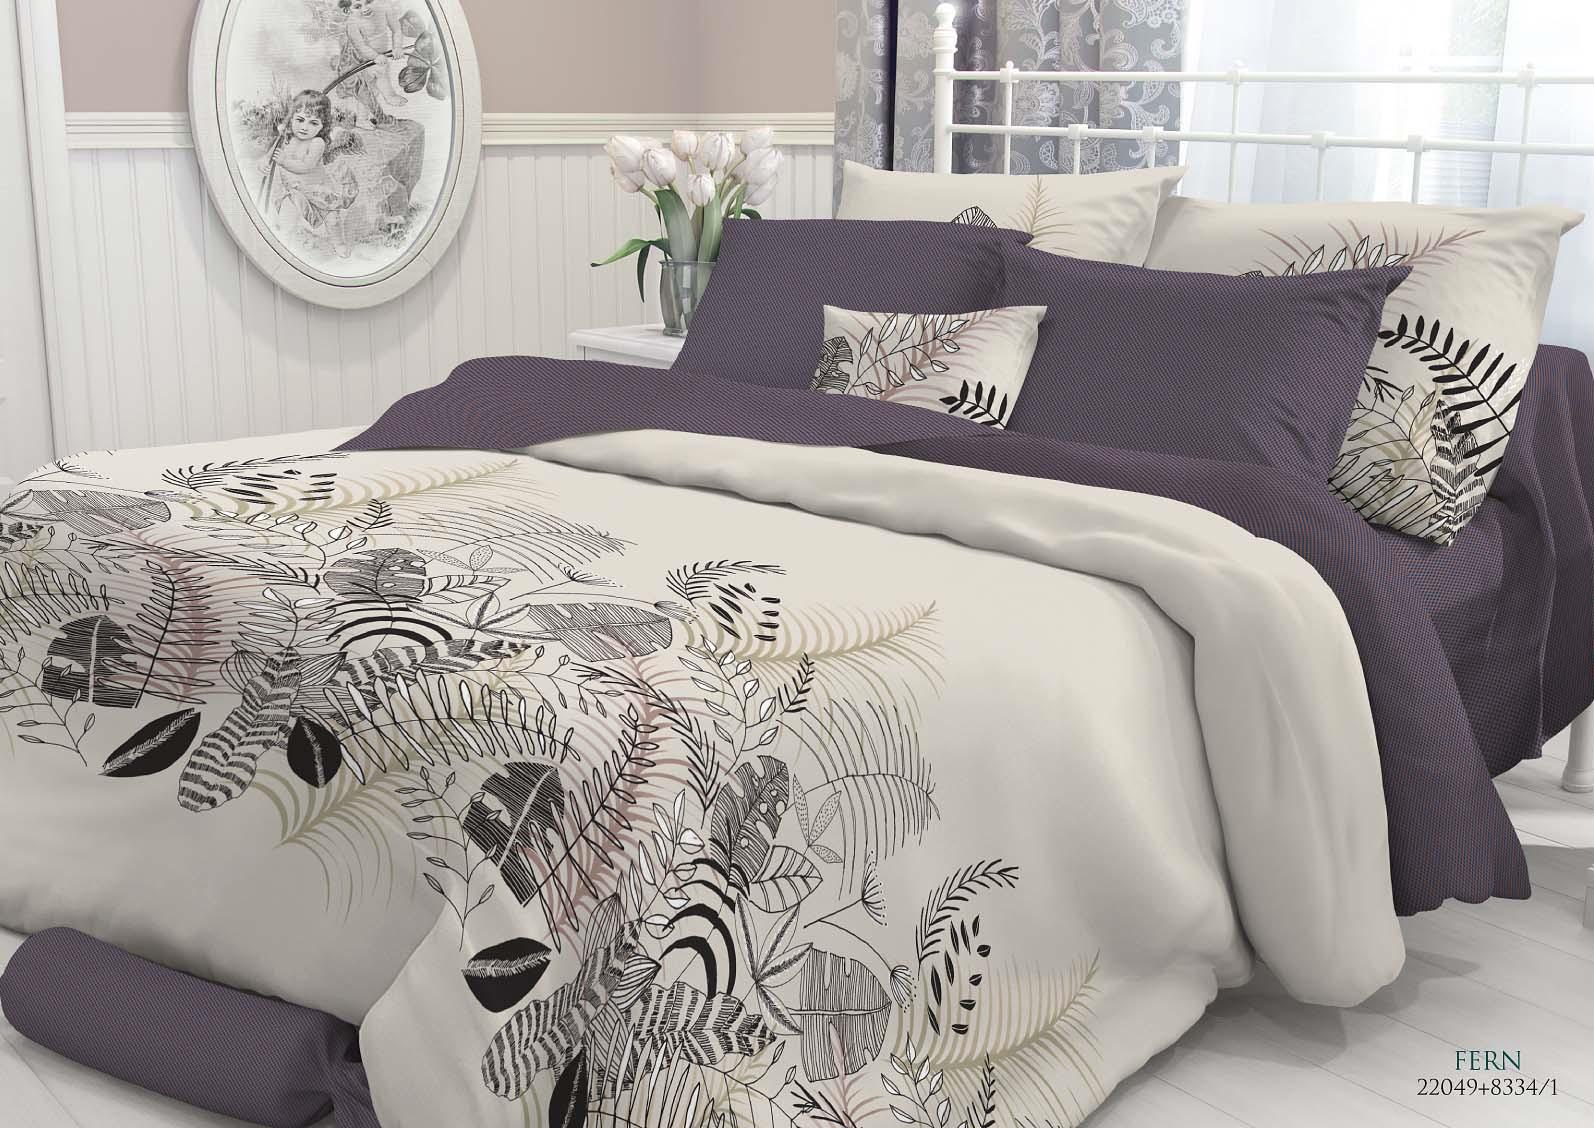 Комплект белья Verossa Fern, 2-спальный, наволочки 70x70 комплект белья verossa gray 2 спальный наволочки 70x70